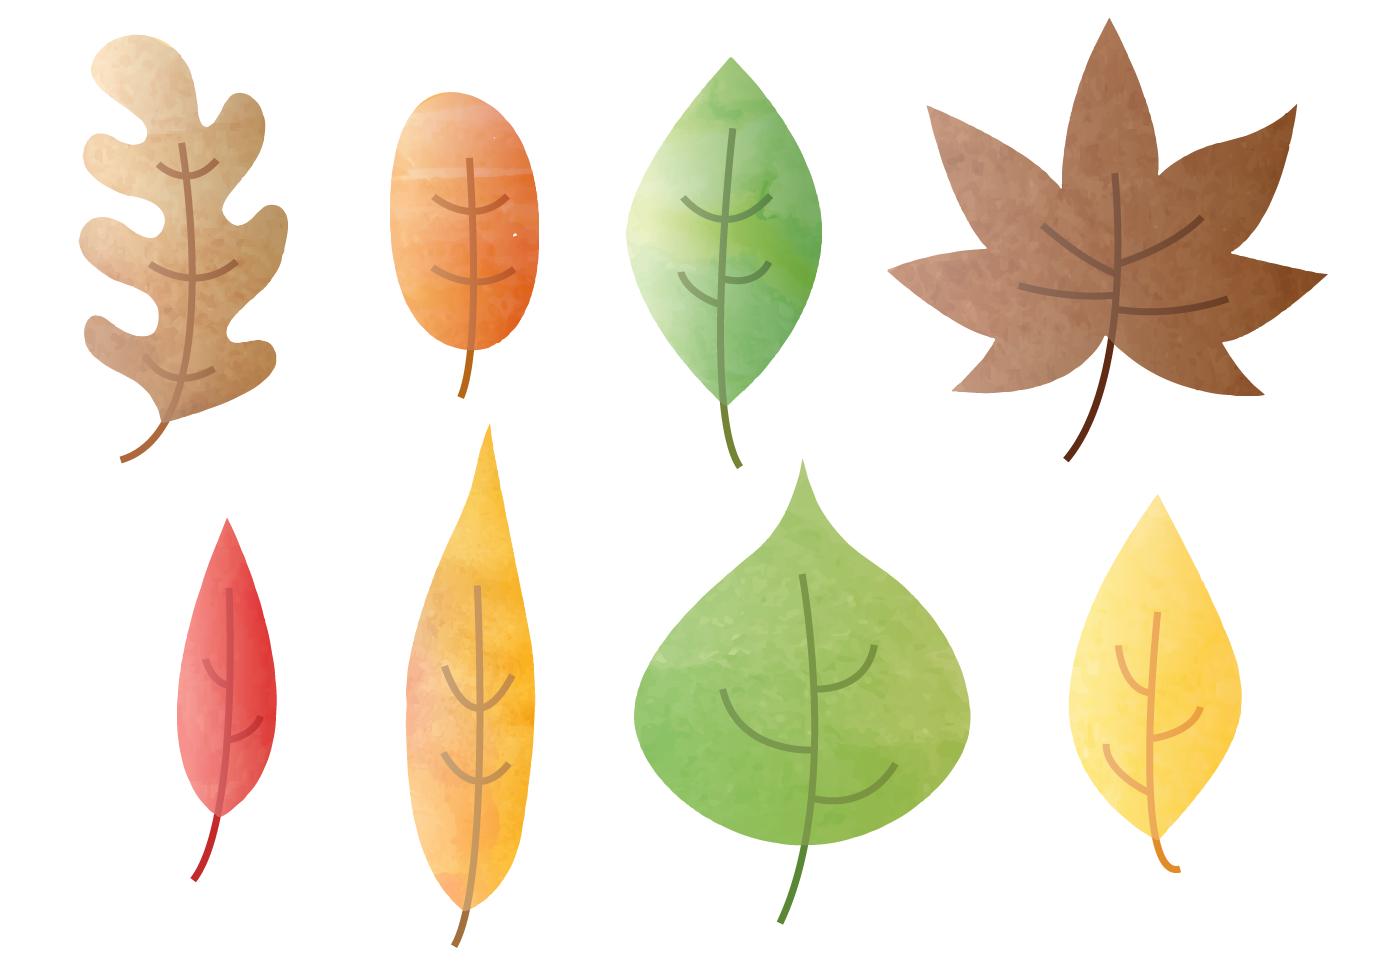 Fantastisch herbstlaub vorlage ideen entry level resume for Herbstblatter vorlage